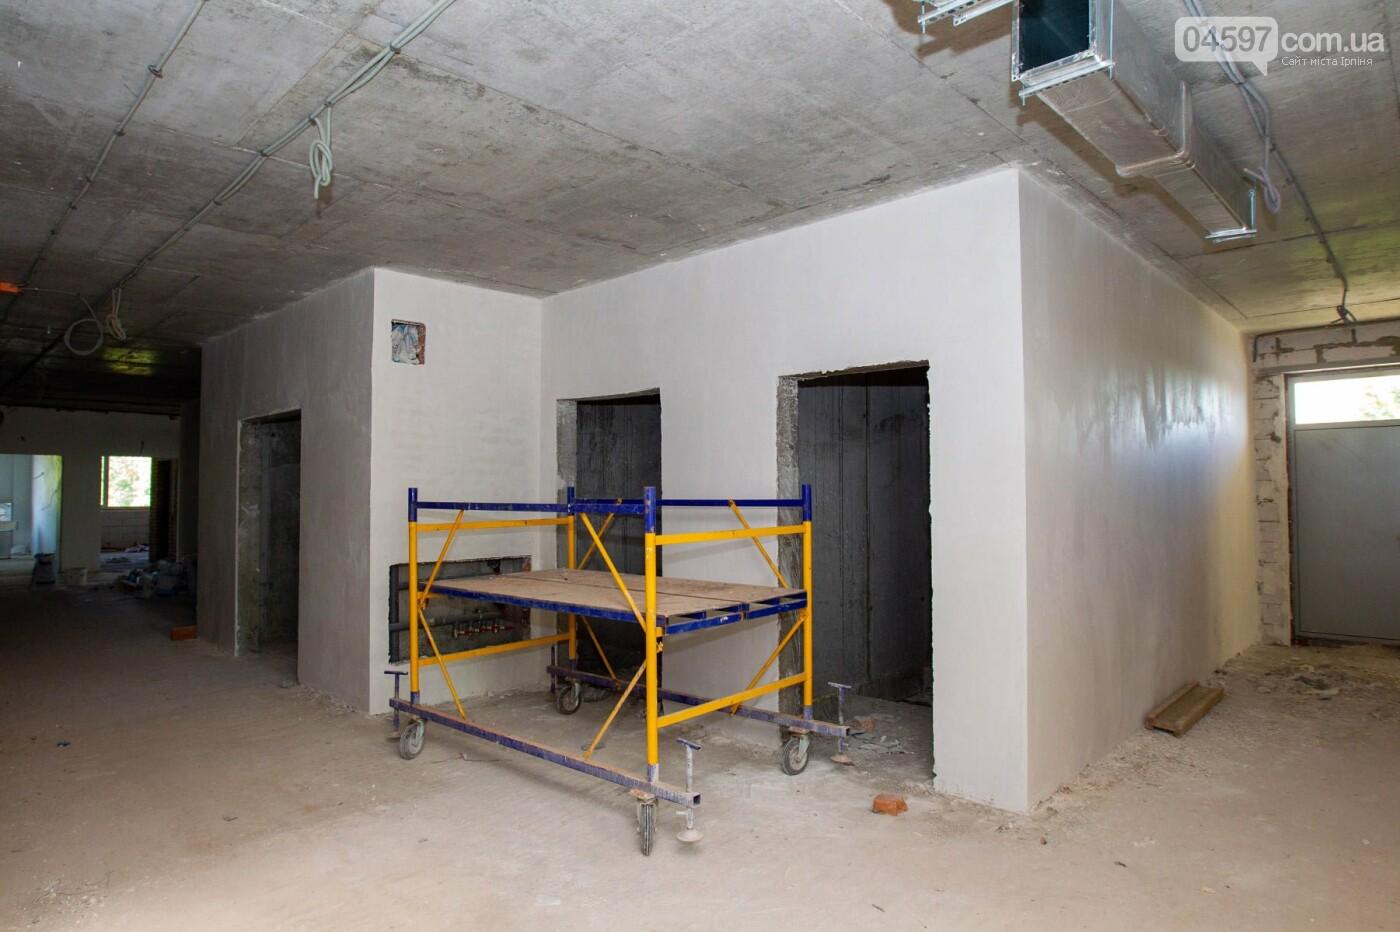 Медцентр в Ірпені. Фото О. Гриб